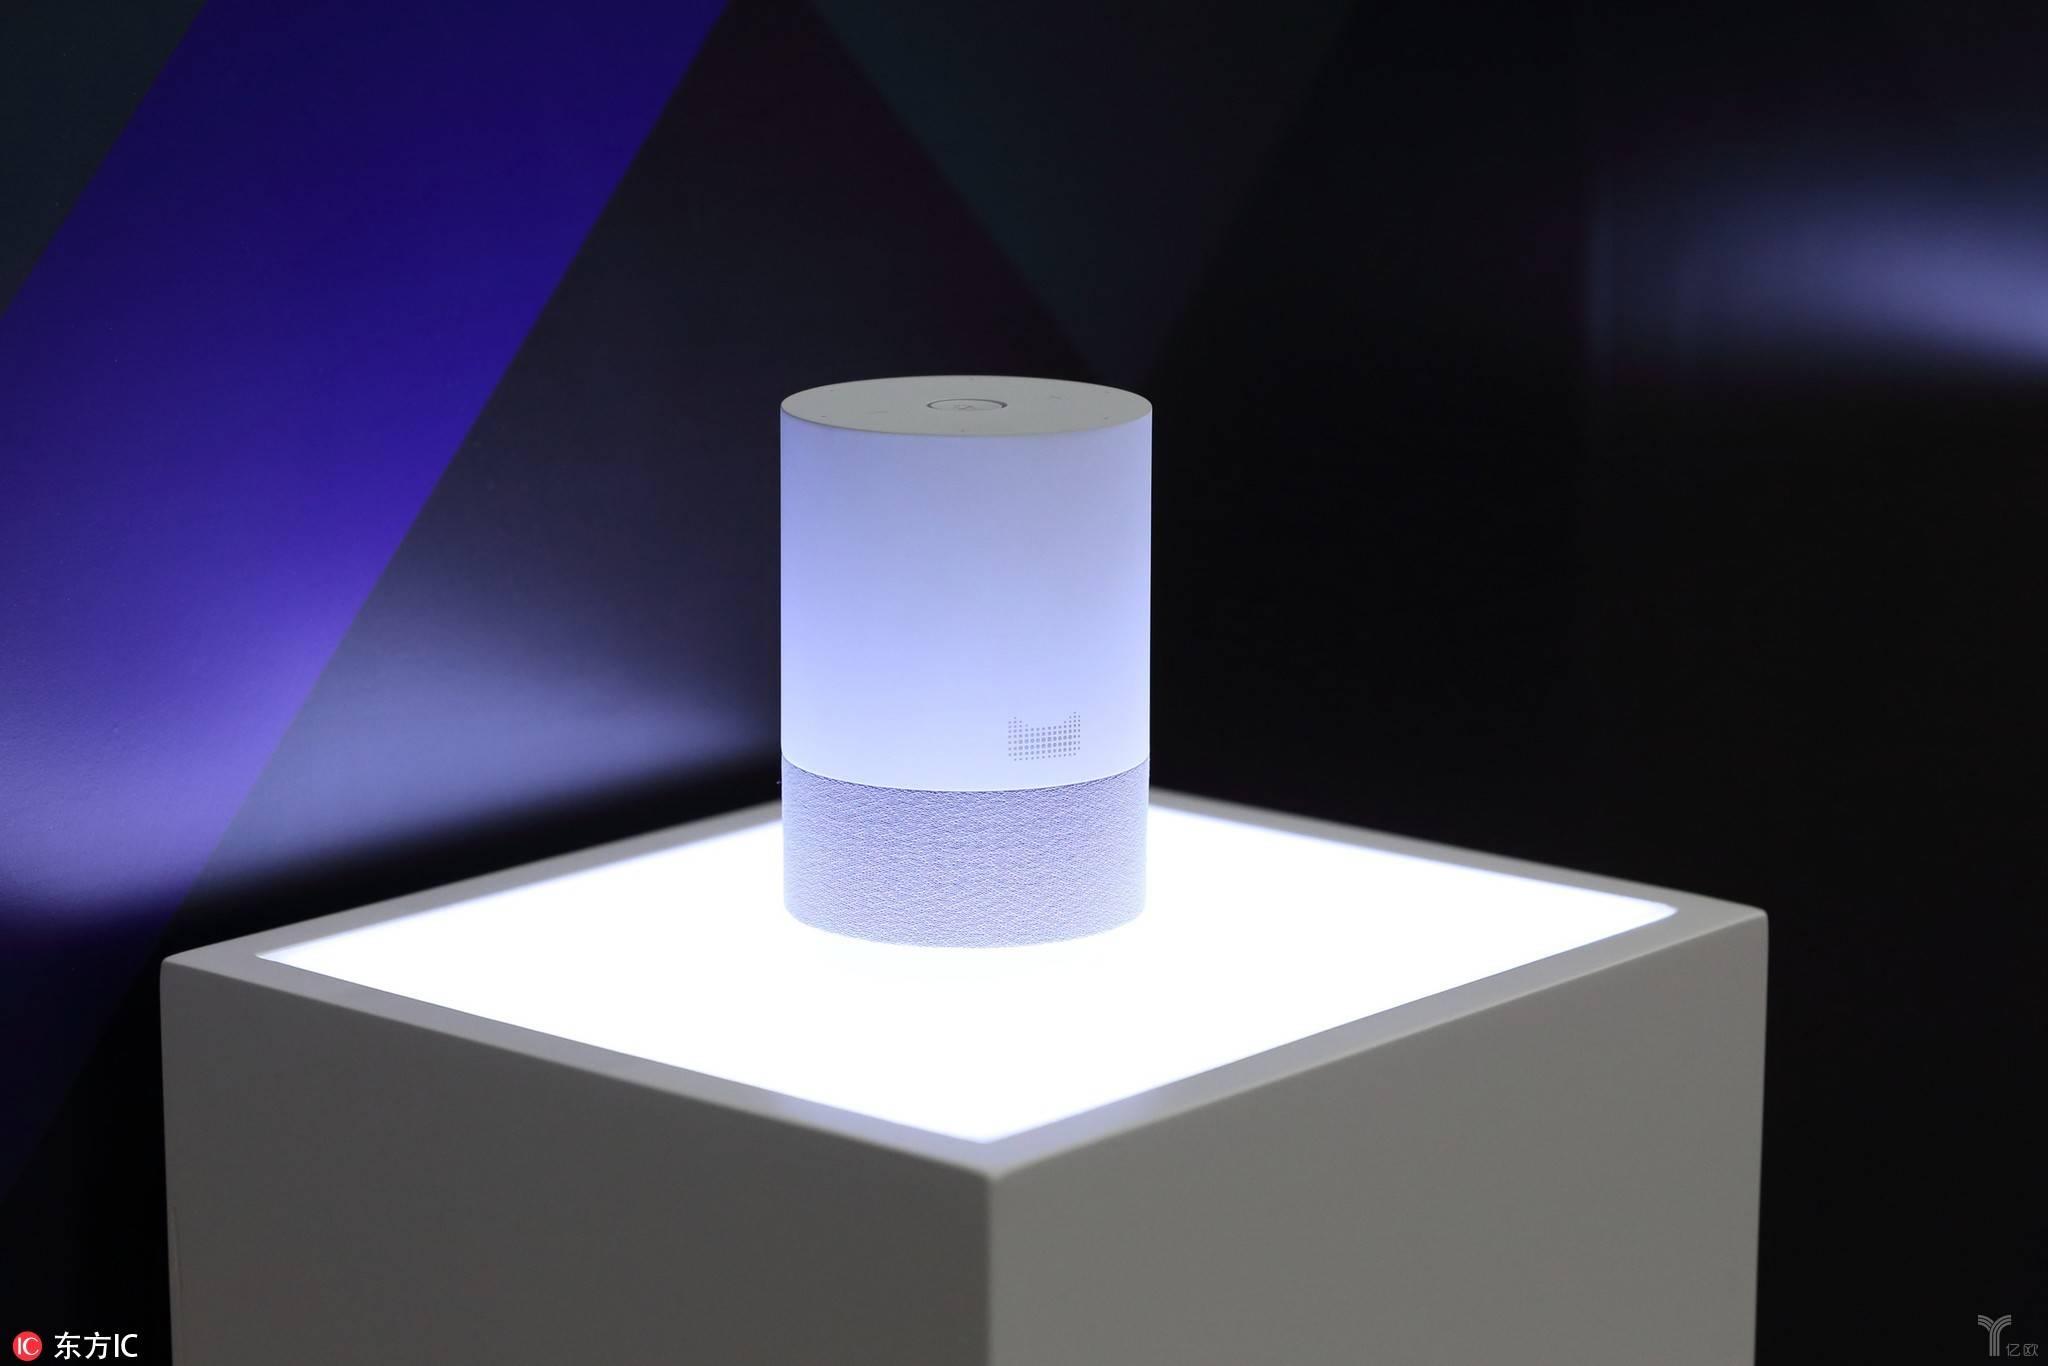 智能音箱正在上演一场冰与火之歌